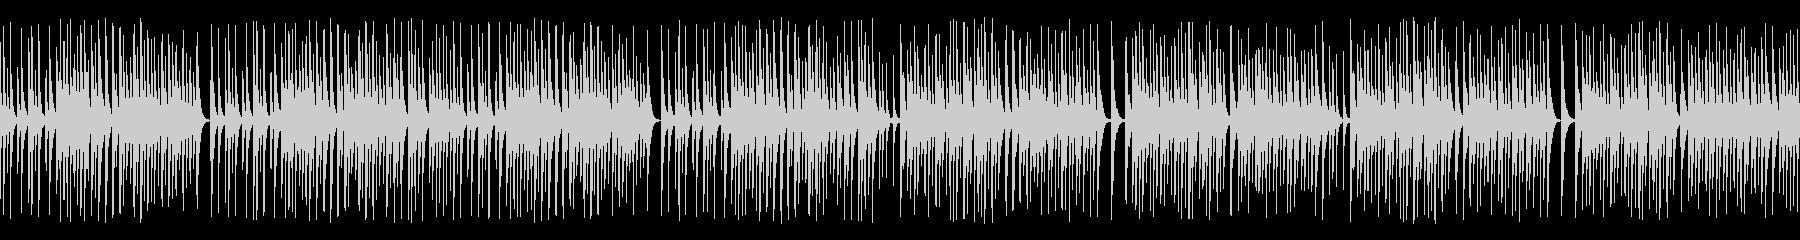 木琴がコミカルで可愛いジャズ名曲(ループの未再生の波形